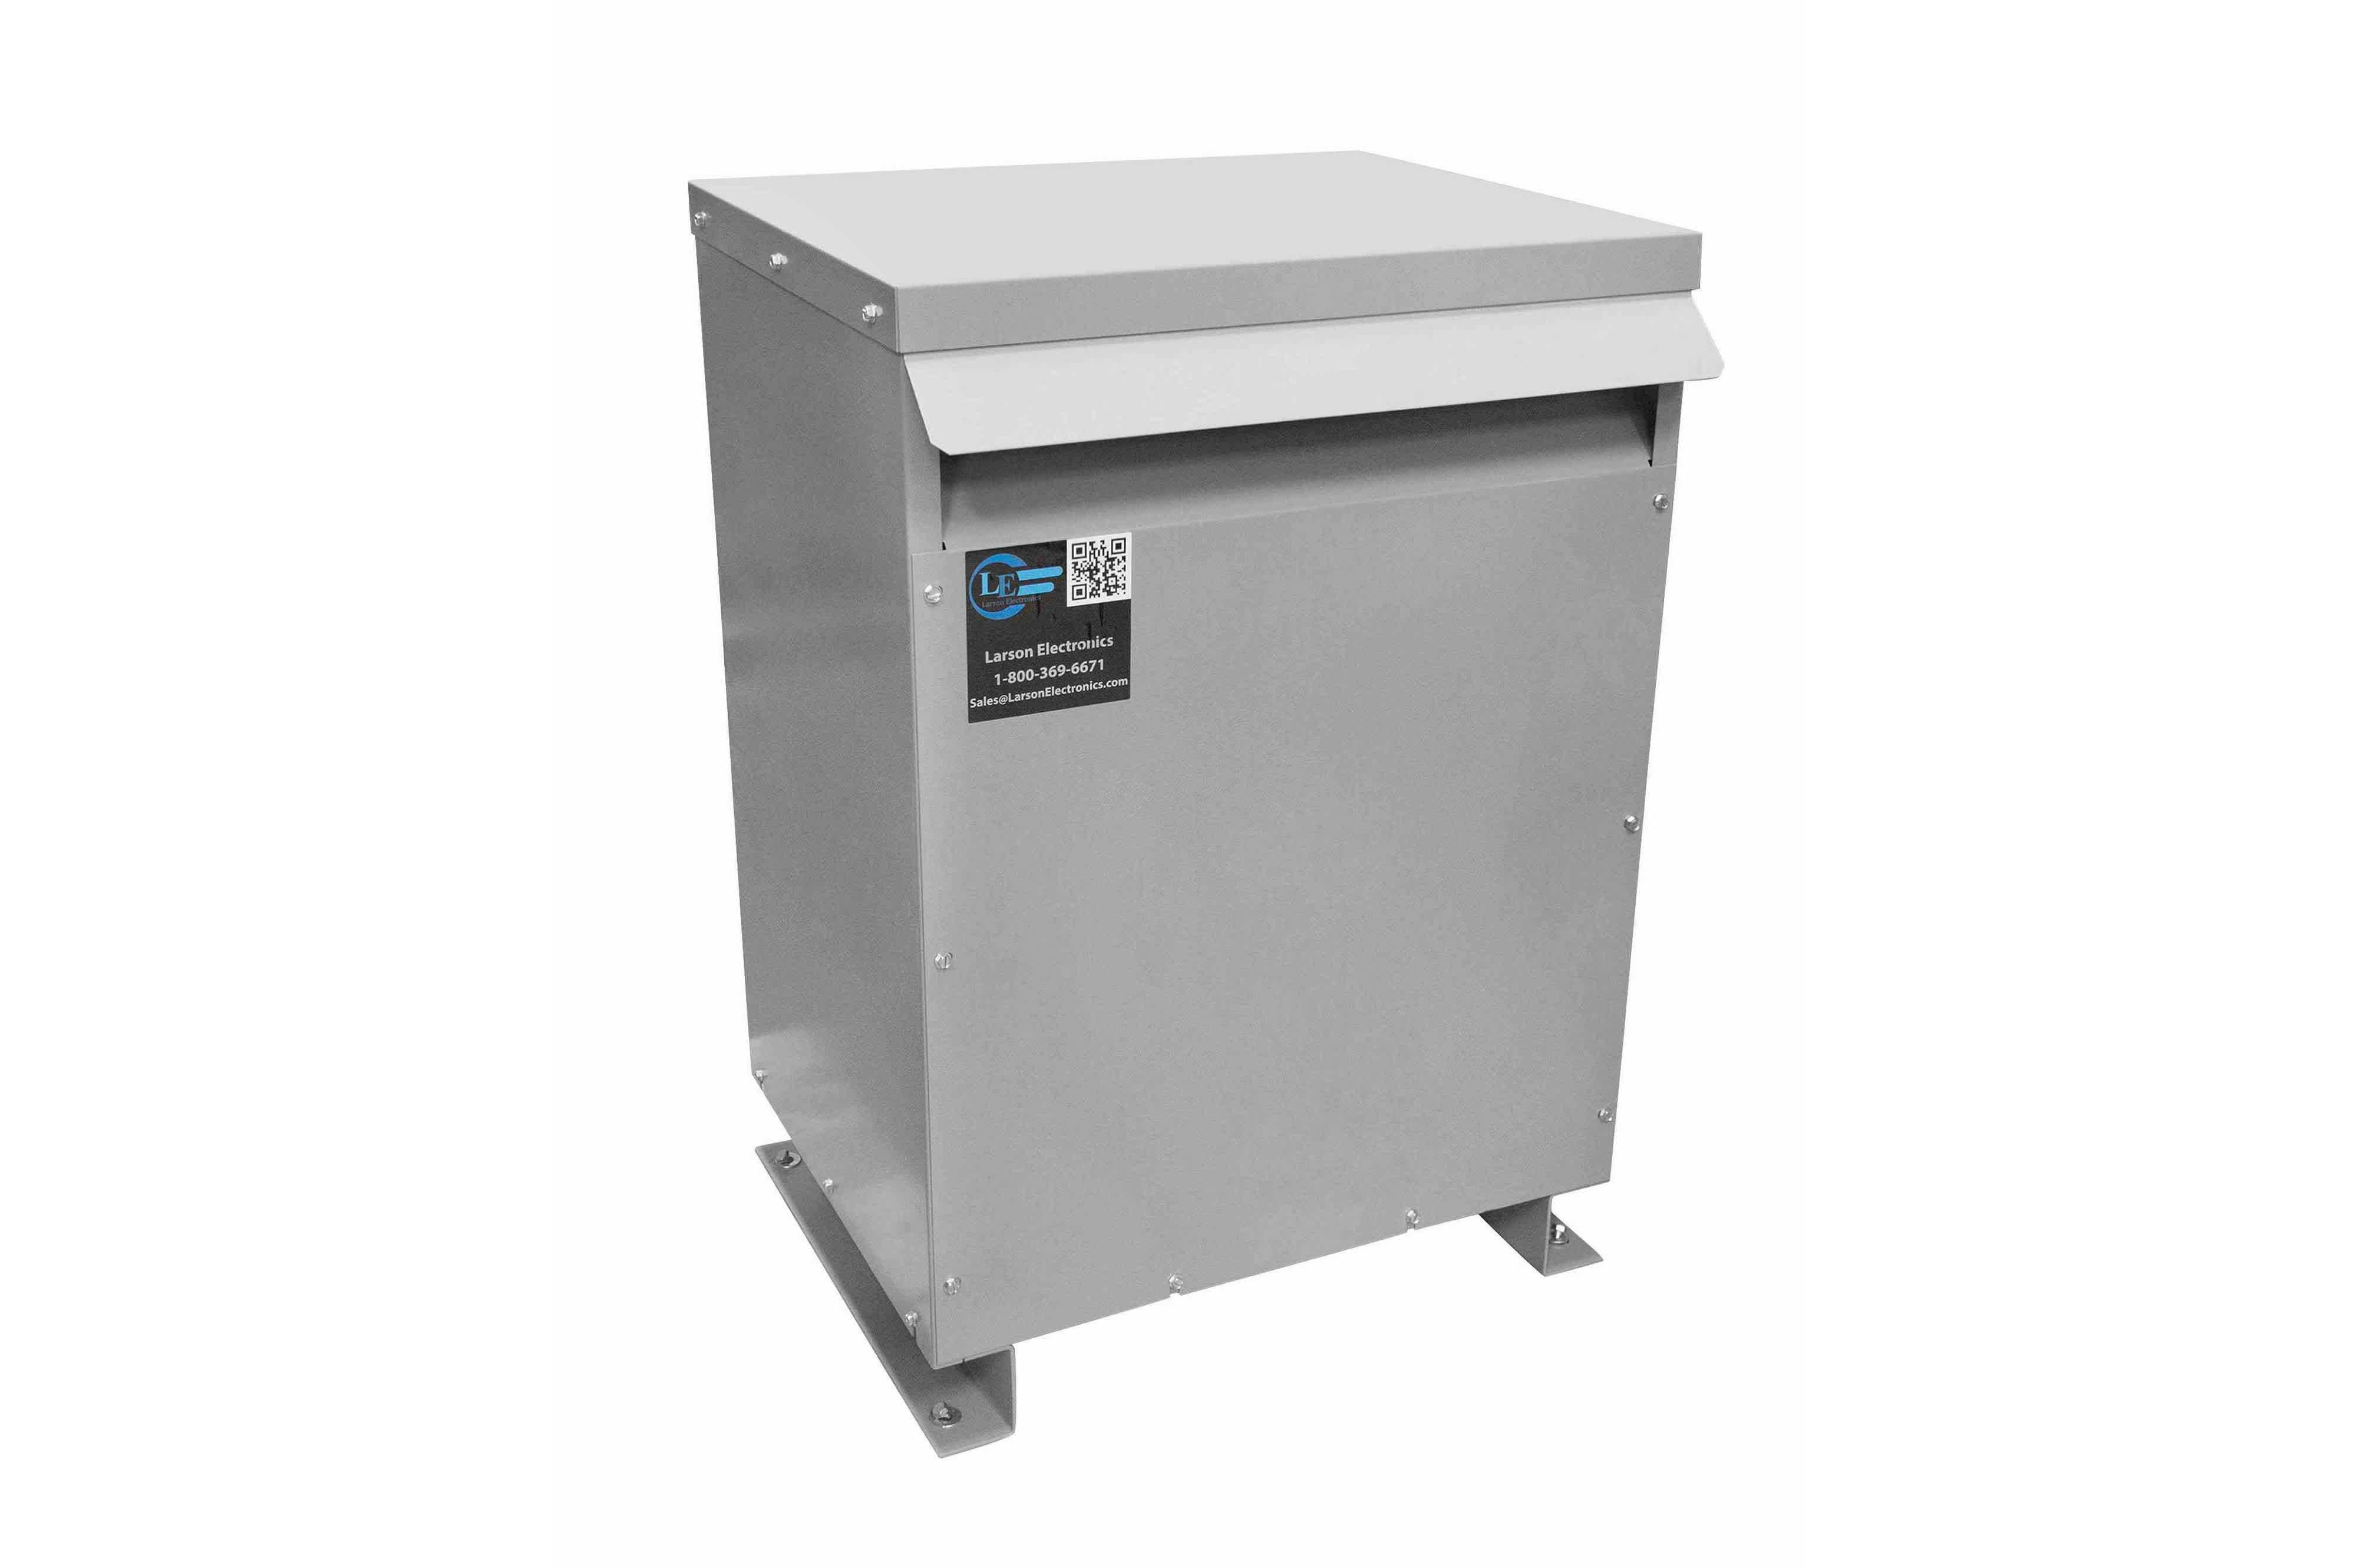 18 kVA 3PH Isolation Transformer, 575V Delta Primary, 400V Delta Secondary, N3R, Ventilated, 60 Hz